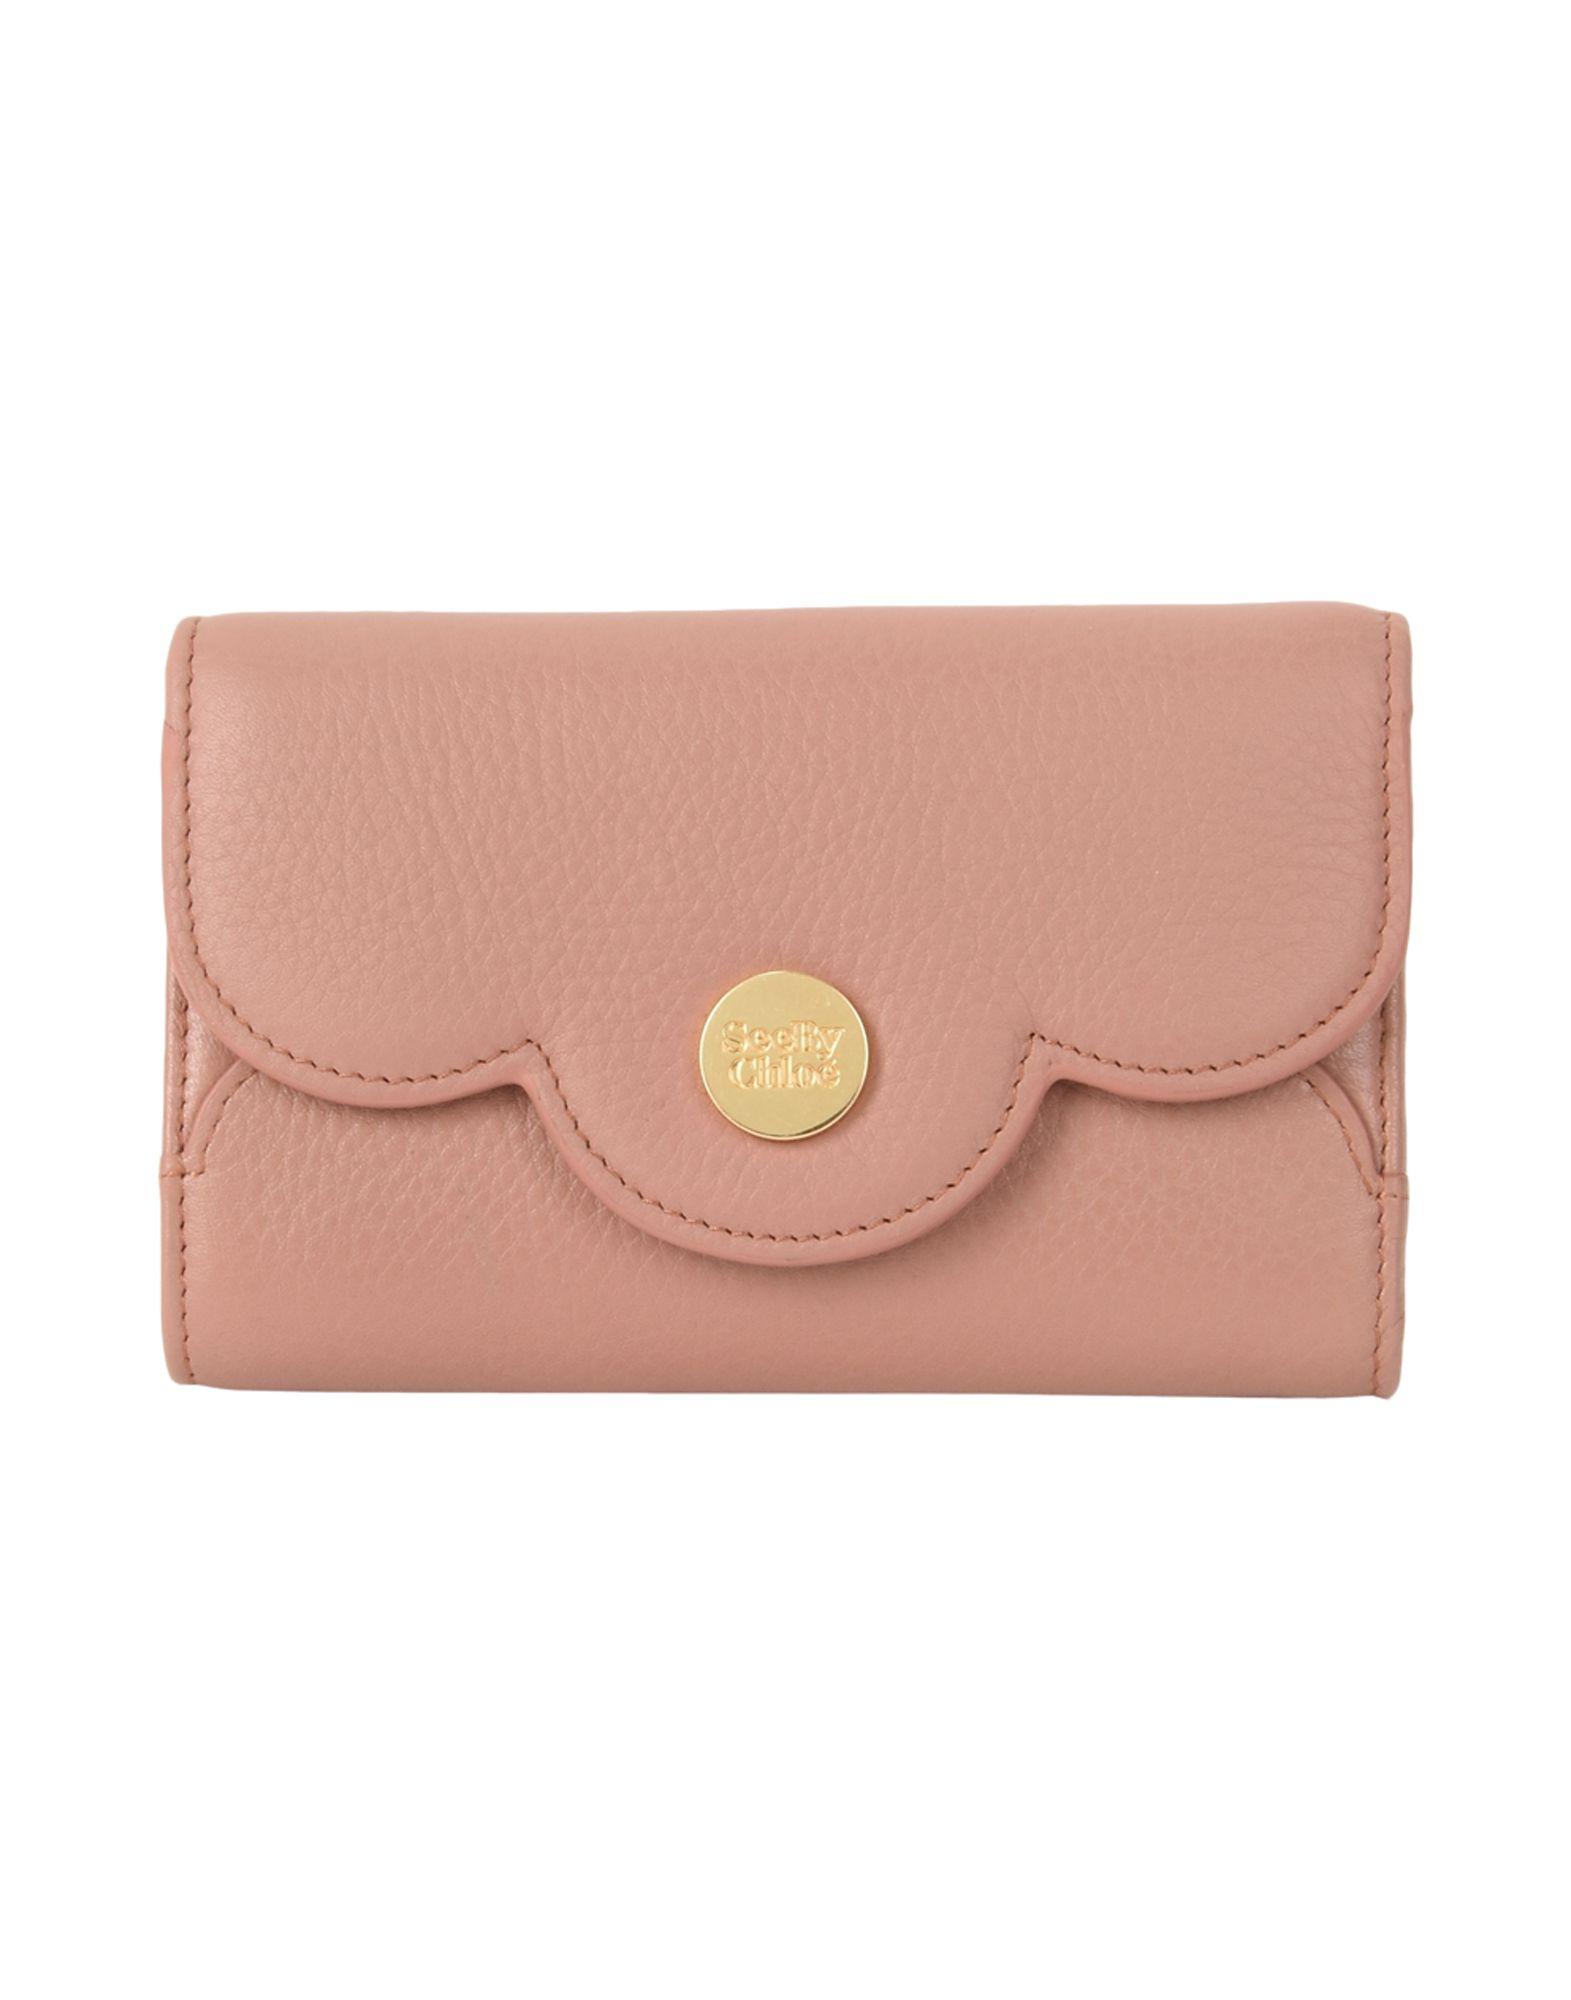 レディース SEE BY CHLO polina small medium wallet 財布  パステルピンク